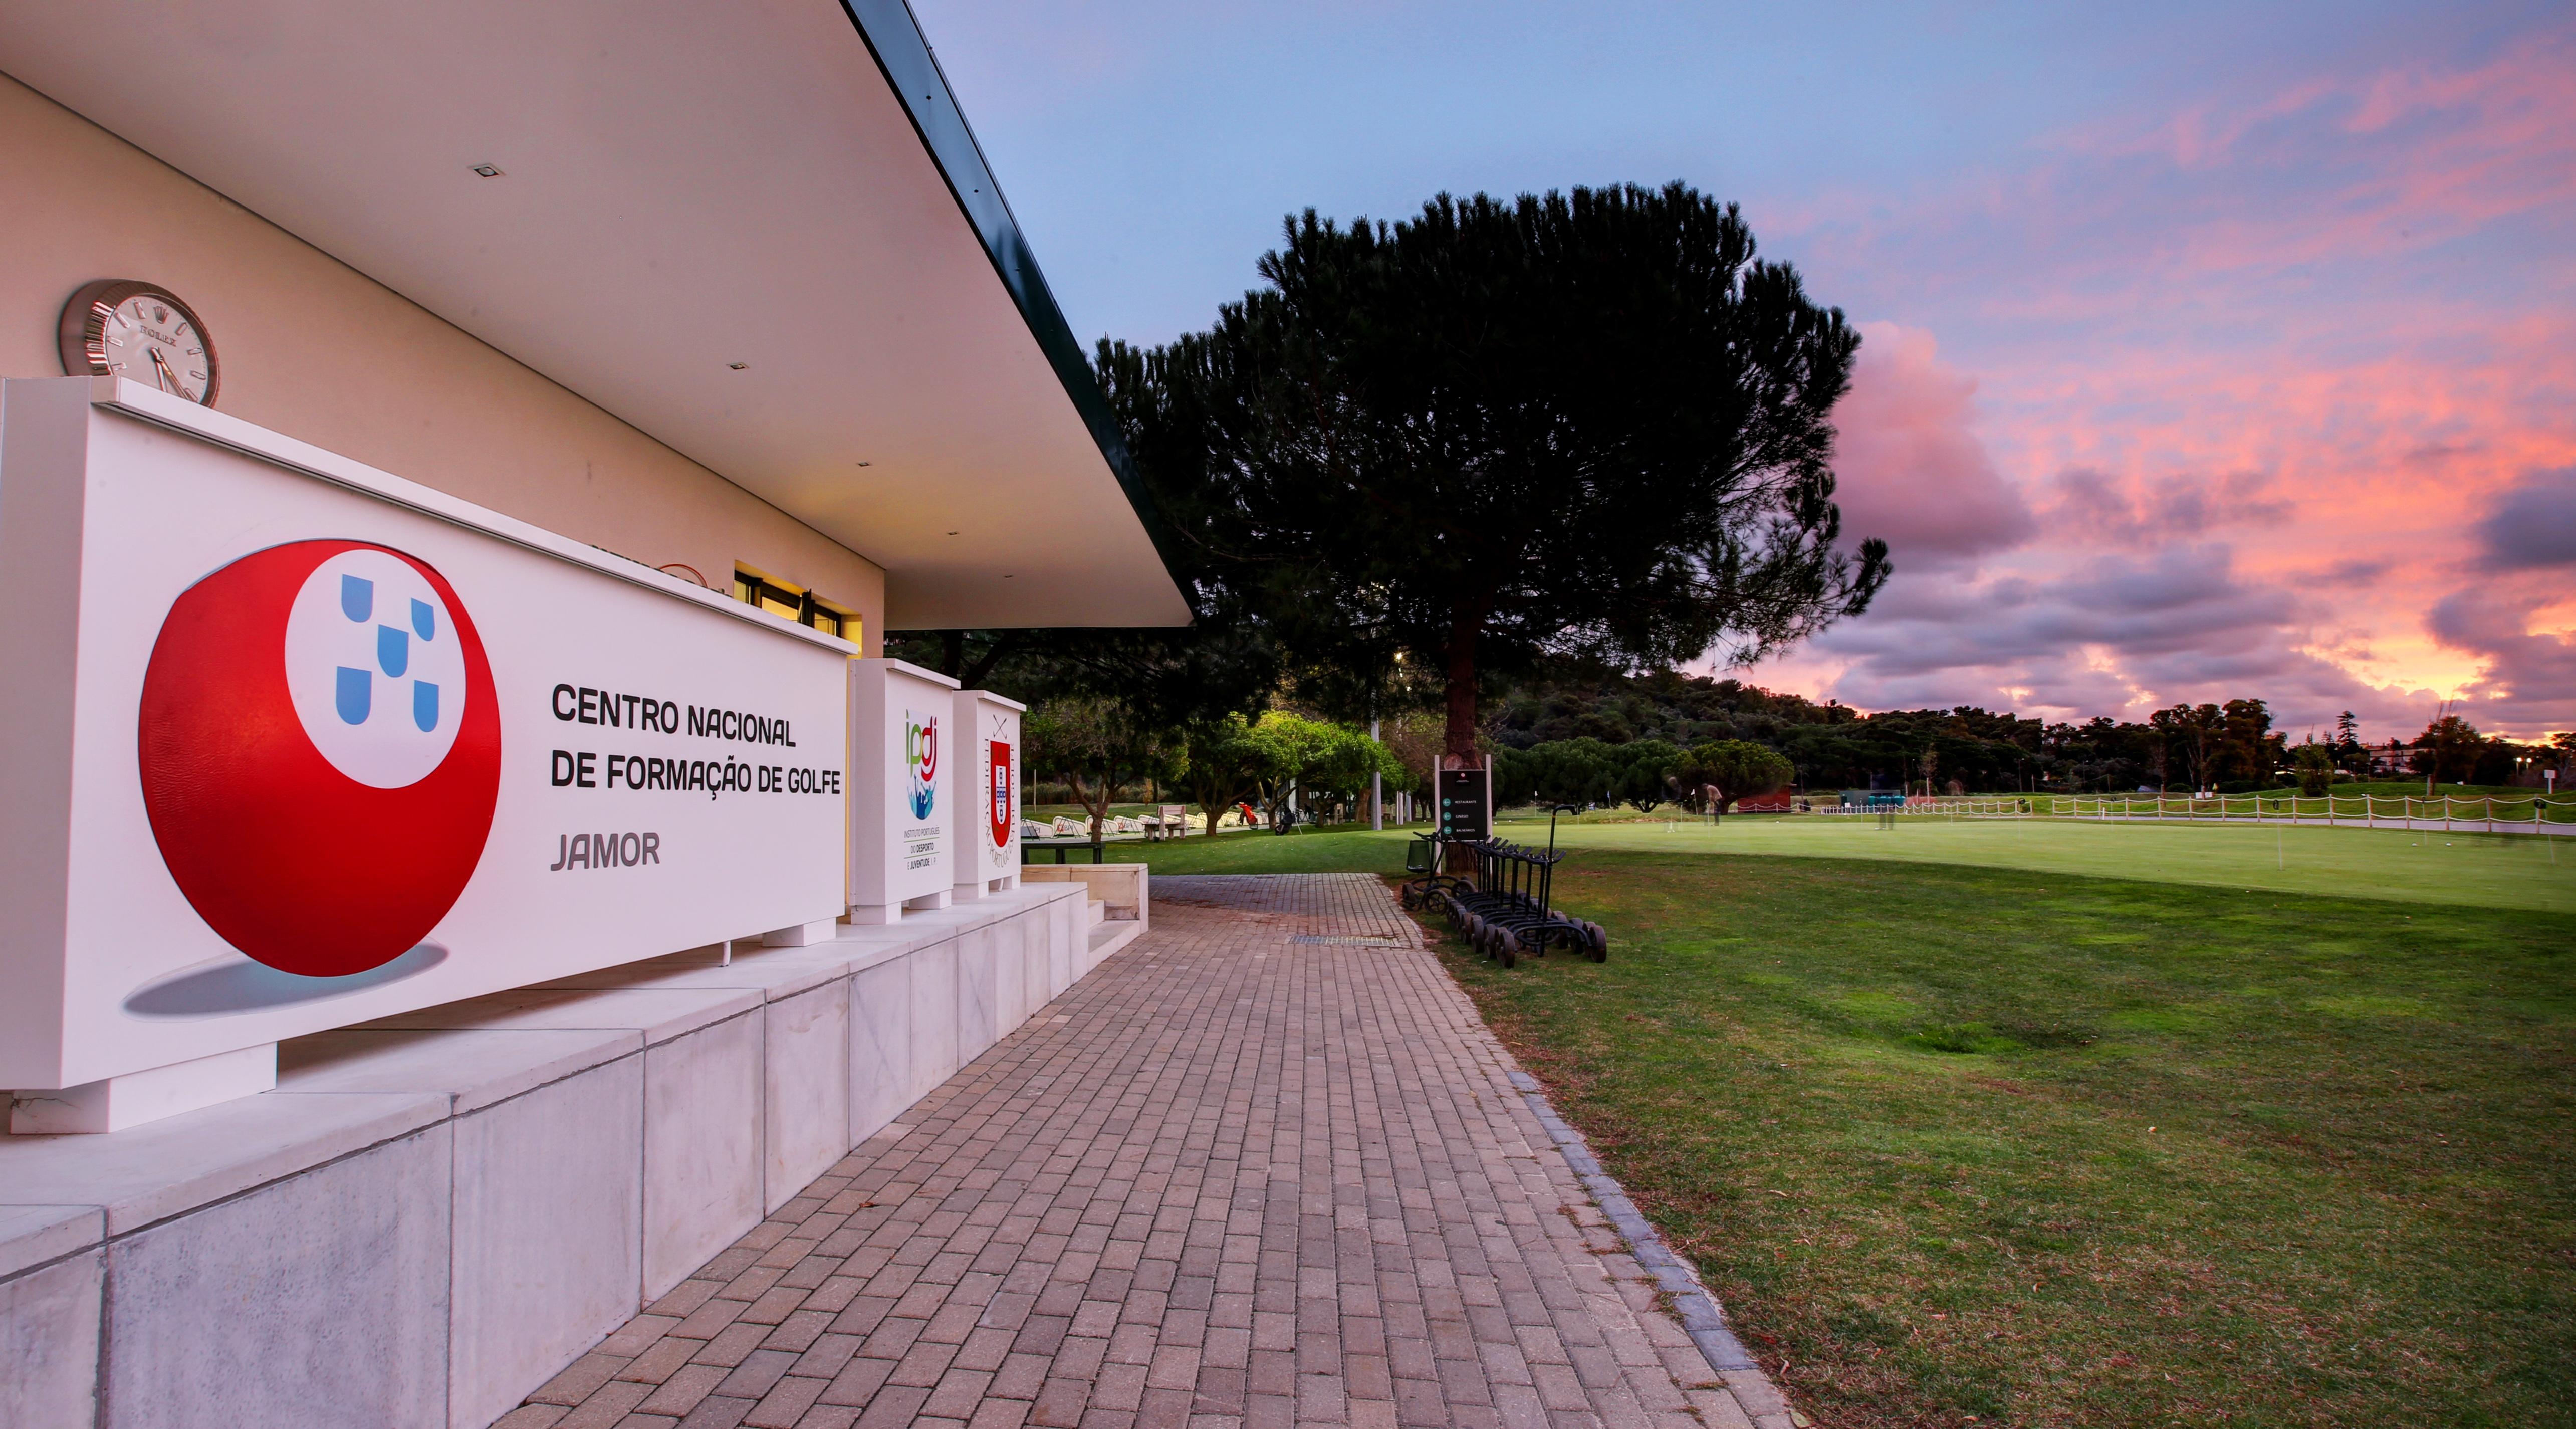 Instalações exteriores Clubhouse Federação Portuguesa de Golfe centro nacional de formação de golfe